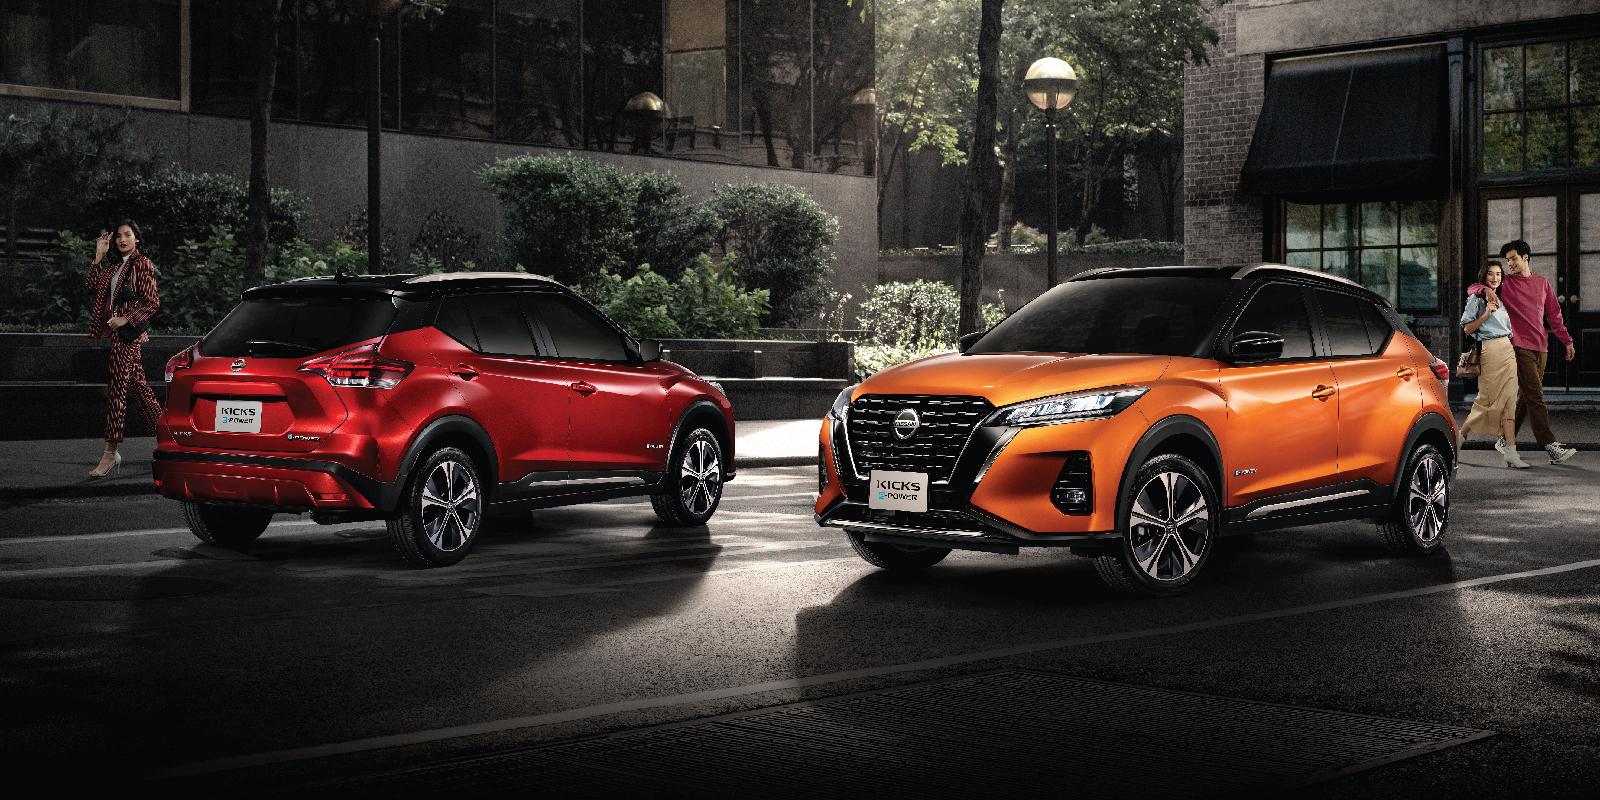 Nissan Kicks e-Power ผ่านการทดสอบมาตรฐานด้านความปลอดภัยระดับ 5 ดาว พิสูจน์ความมุ่งมั่นด้านความปลอดภัยของแบรนด์